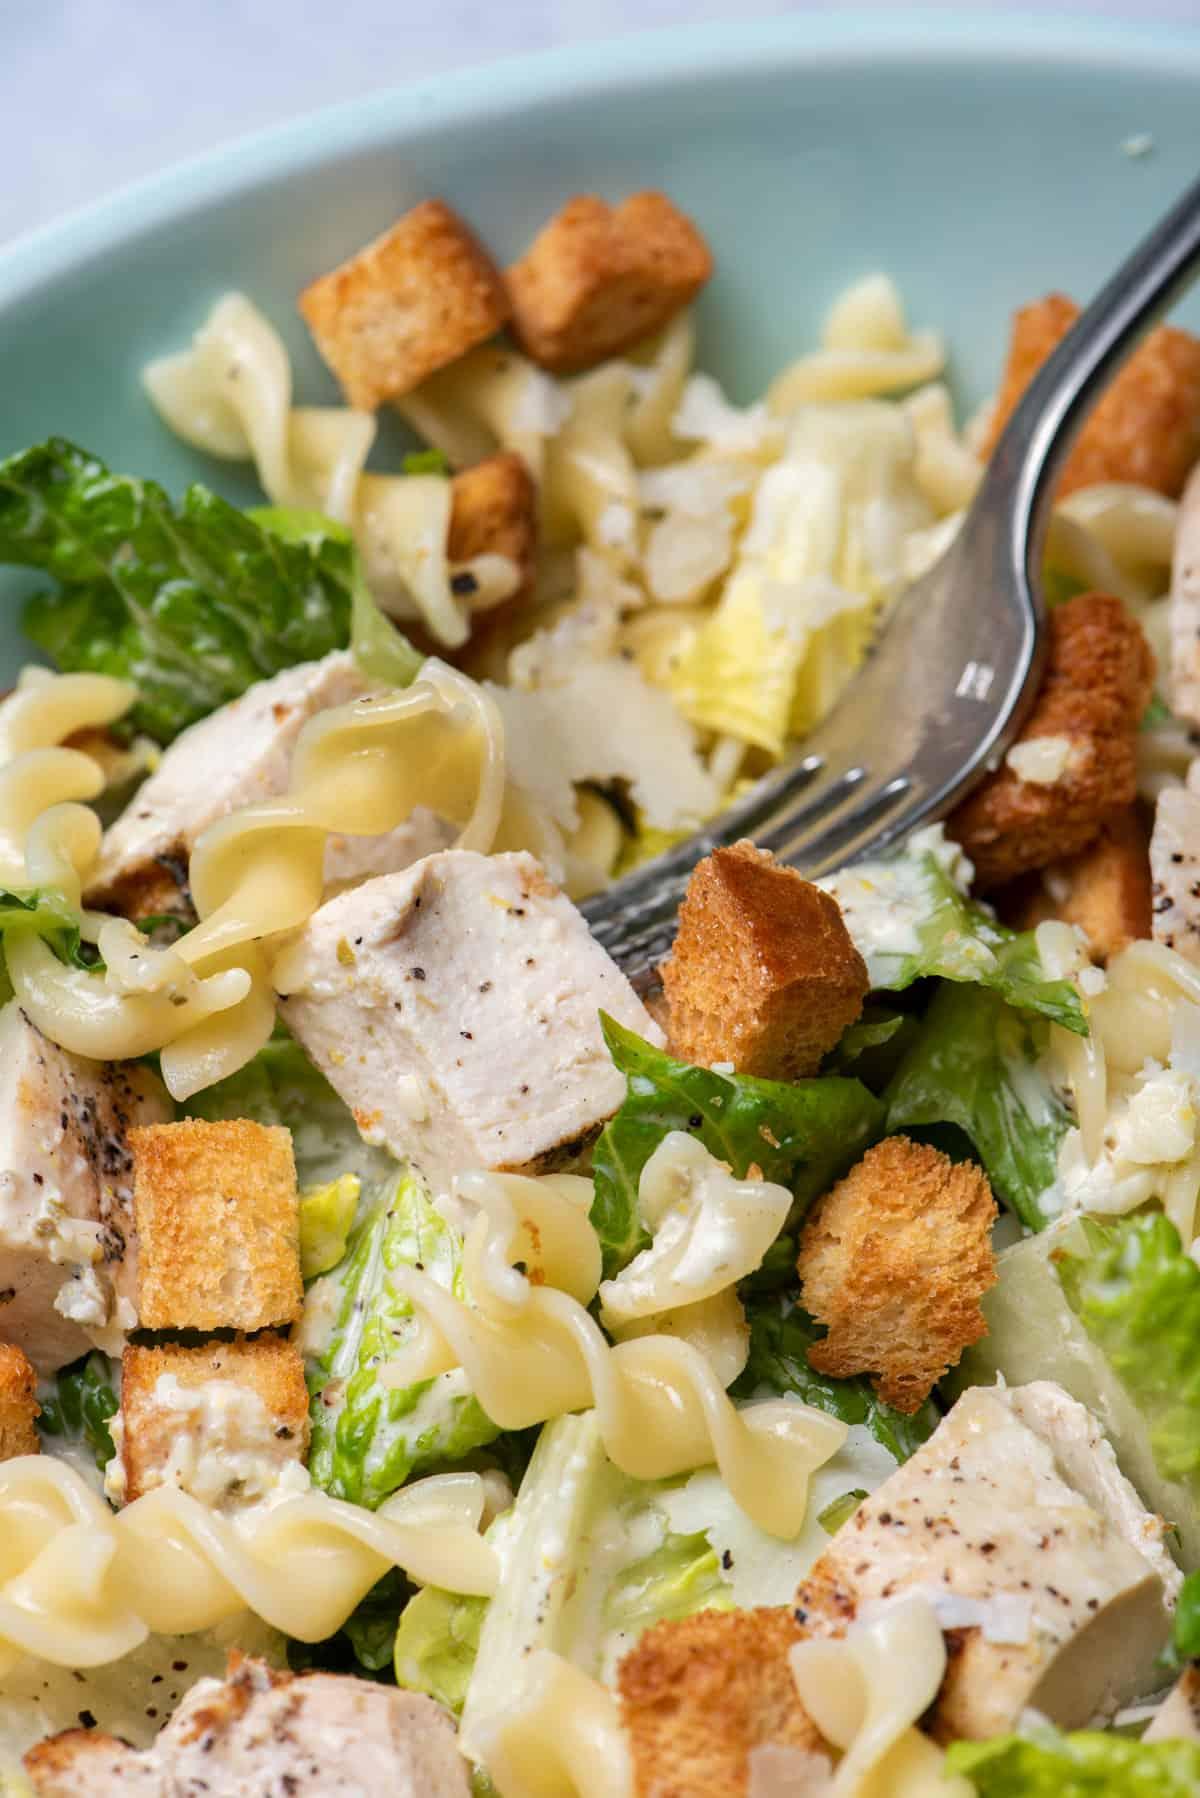 Bite taking bite of chicken caesar pasta salad